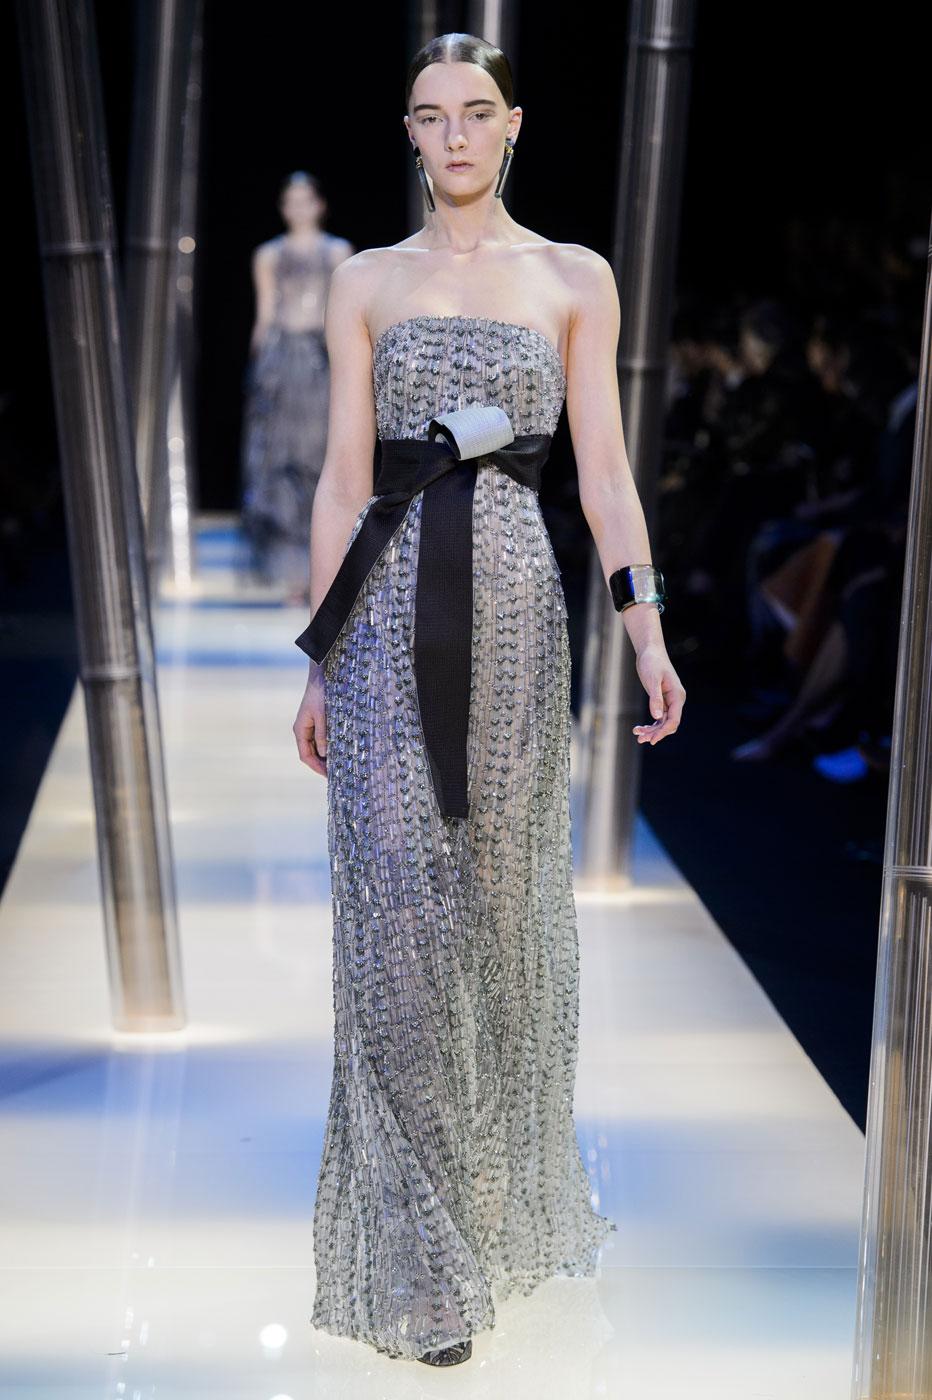 Giorgio-armani-Prive-fashion-runway-show-haute-couture-paris-spring-2015-the-impression-115